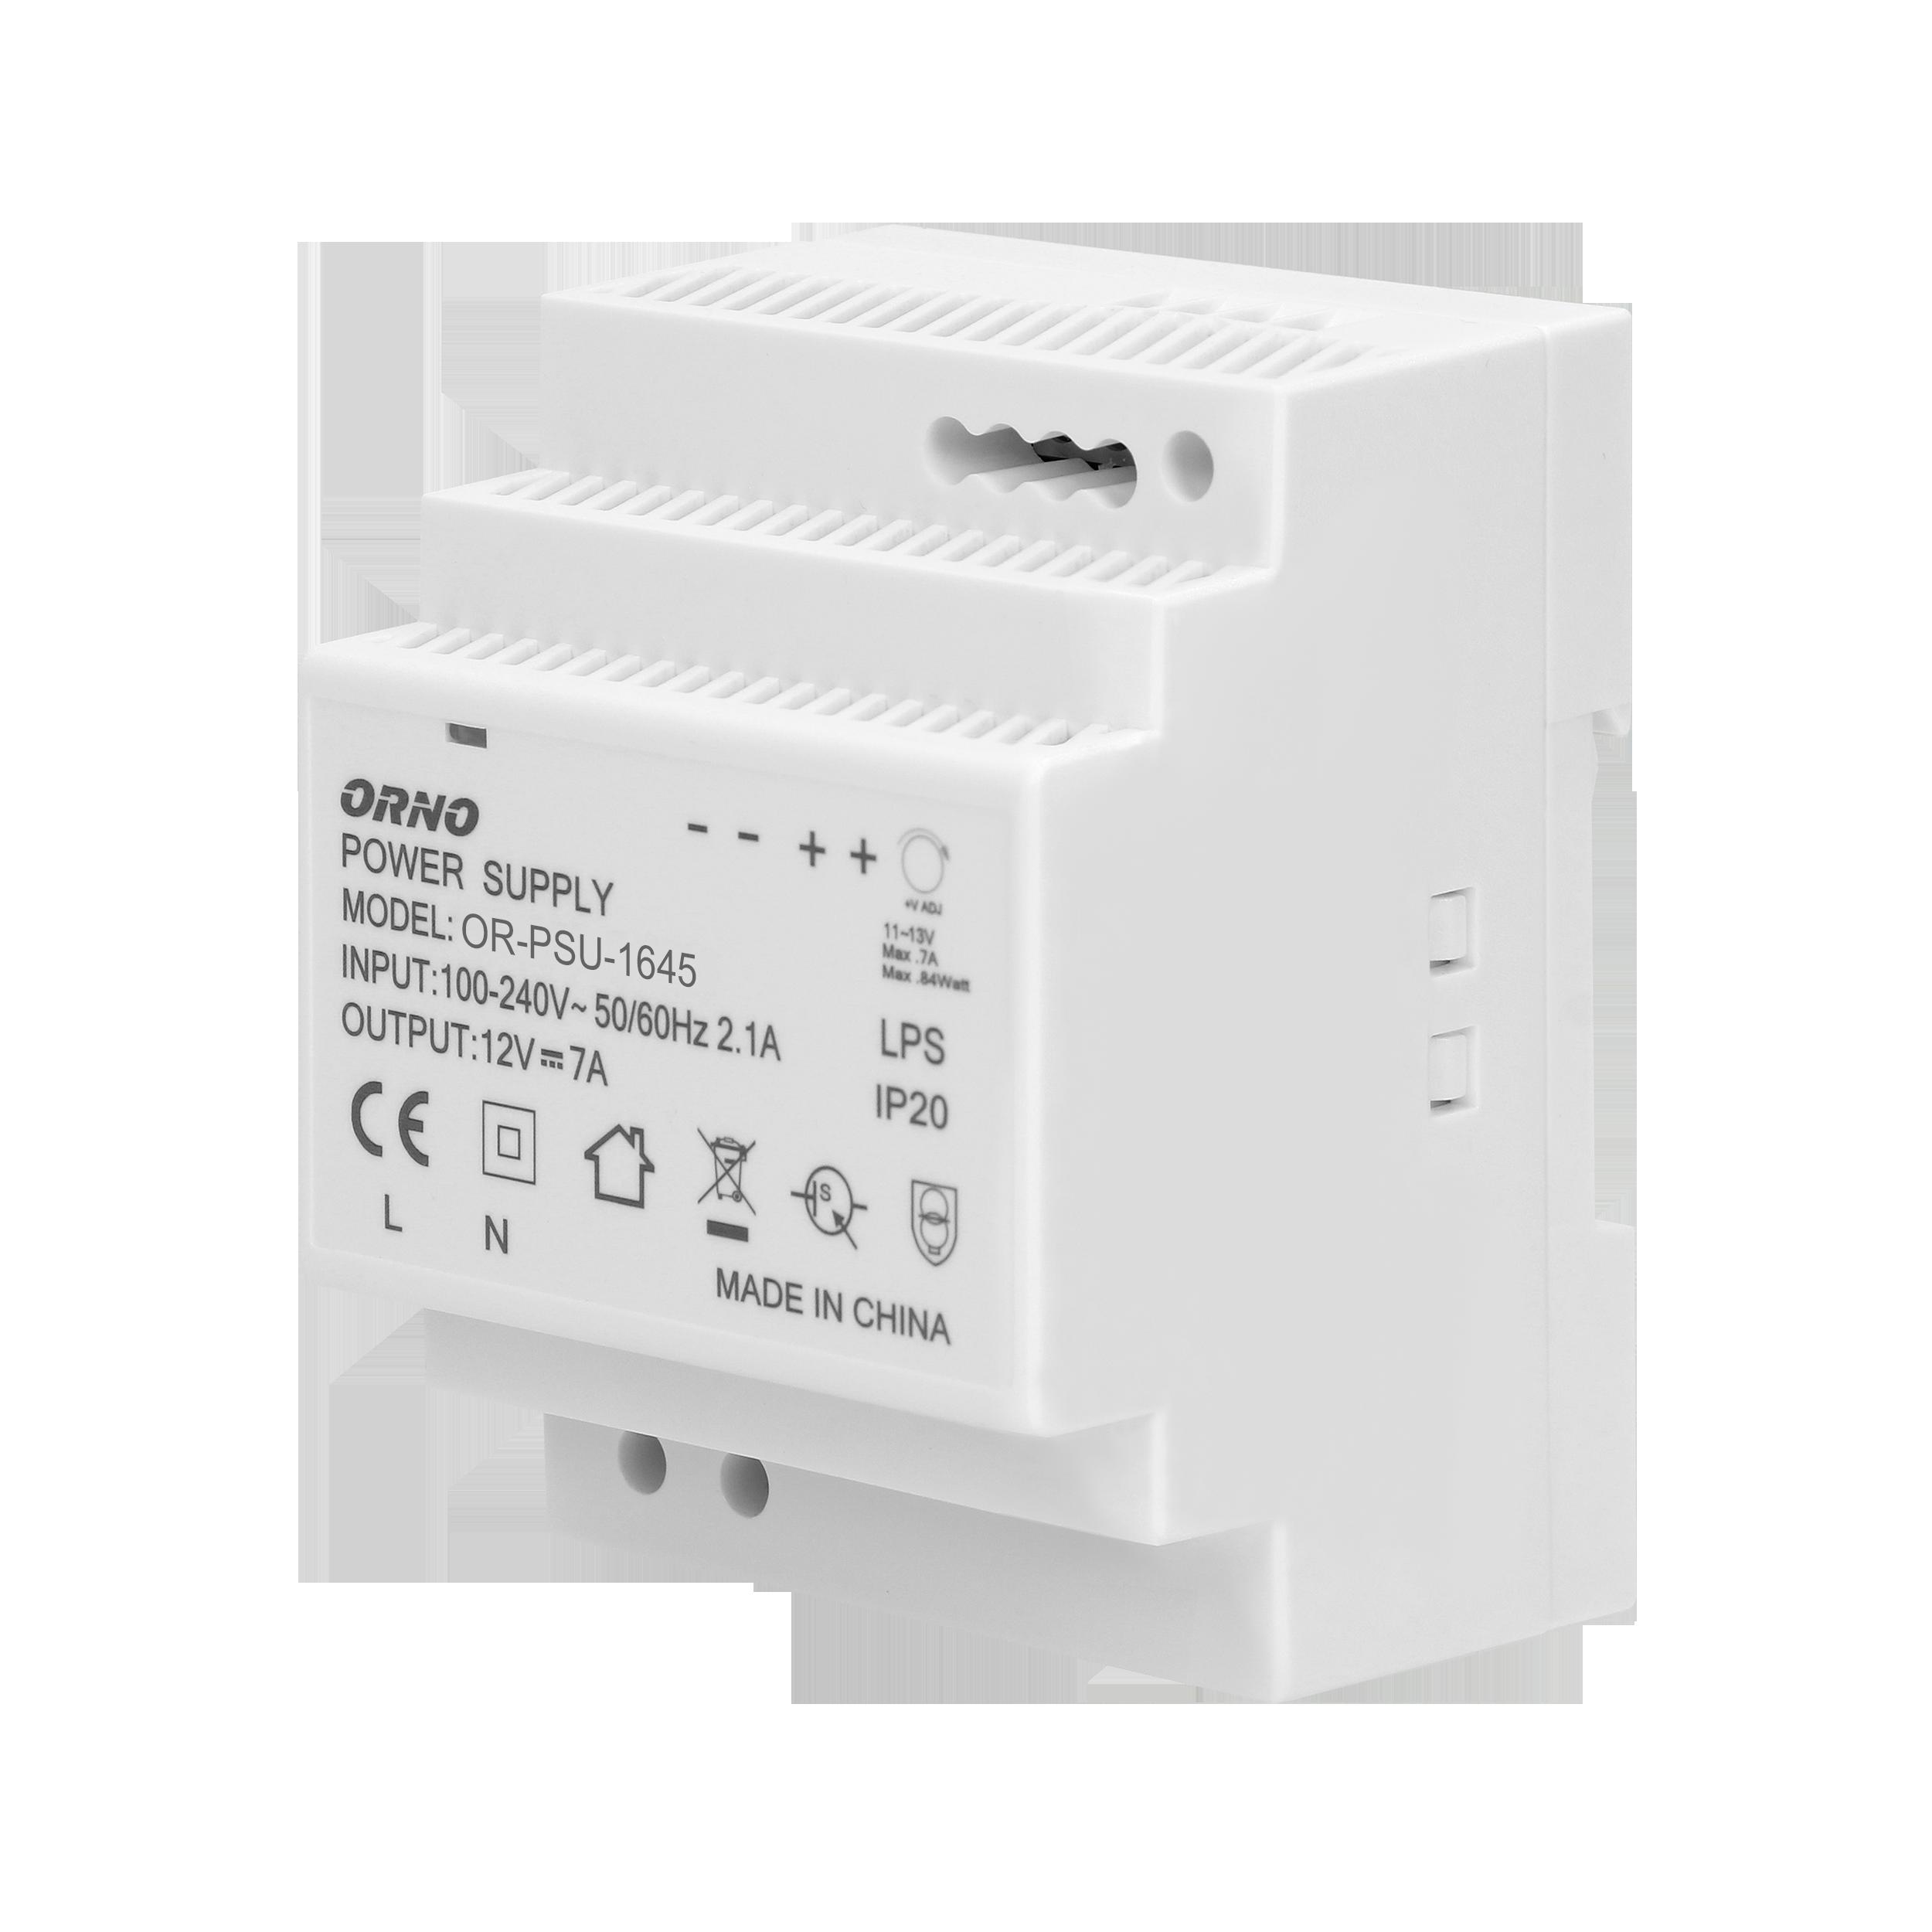 Zasilacz na szynę DIN 12VDC, 7A, 84W, szerokość 4 moduły